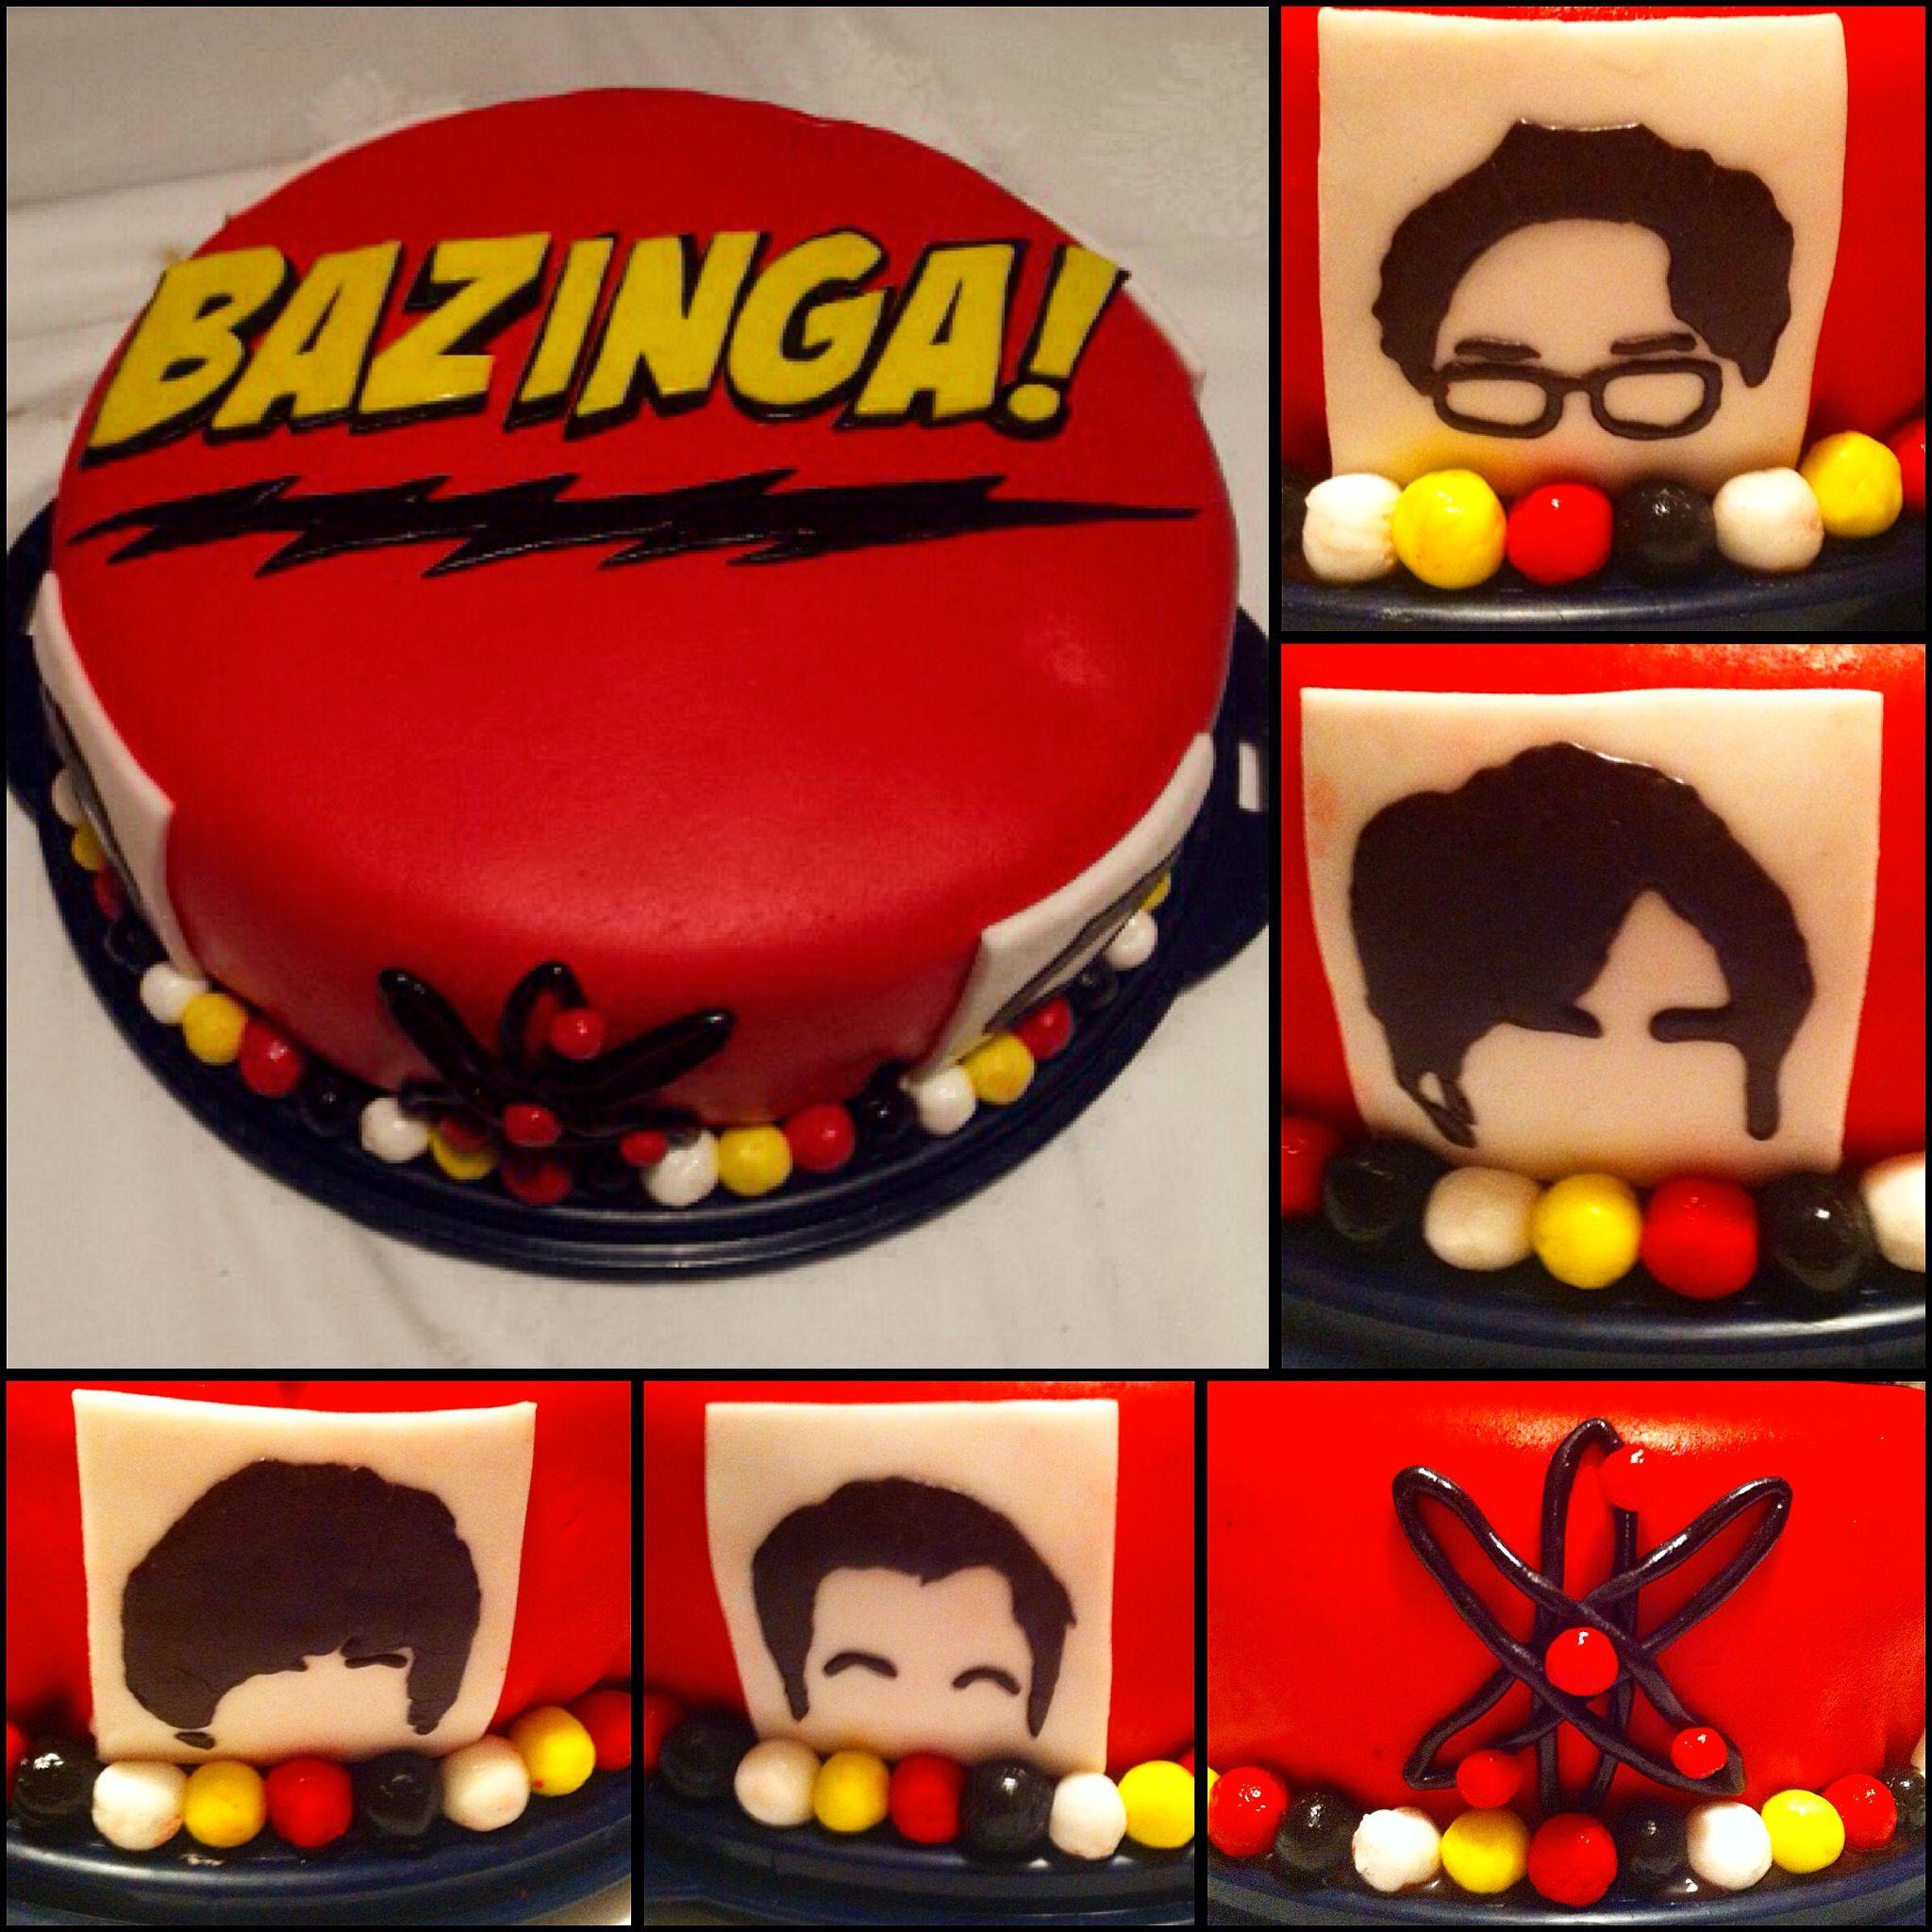 The Big Bang Theory Cake Fondant Bazinga